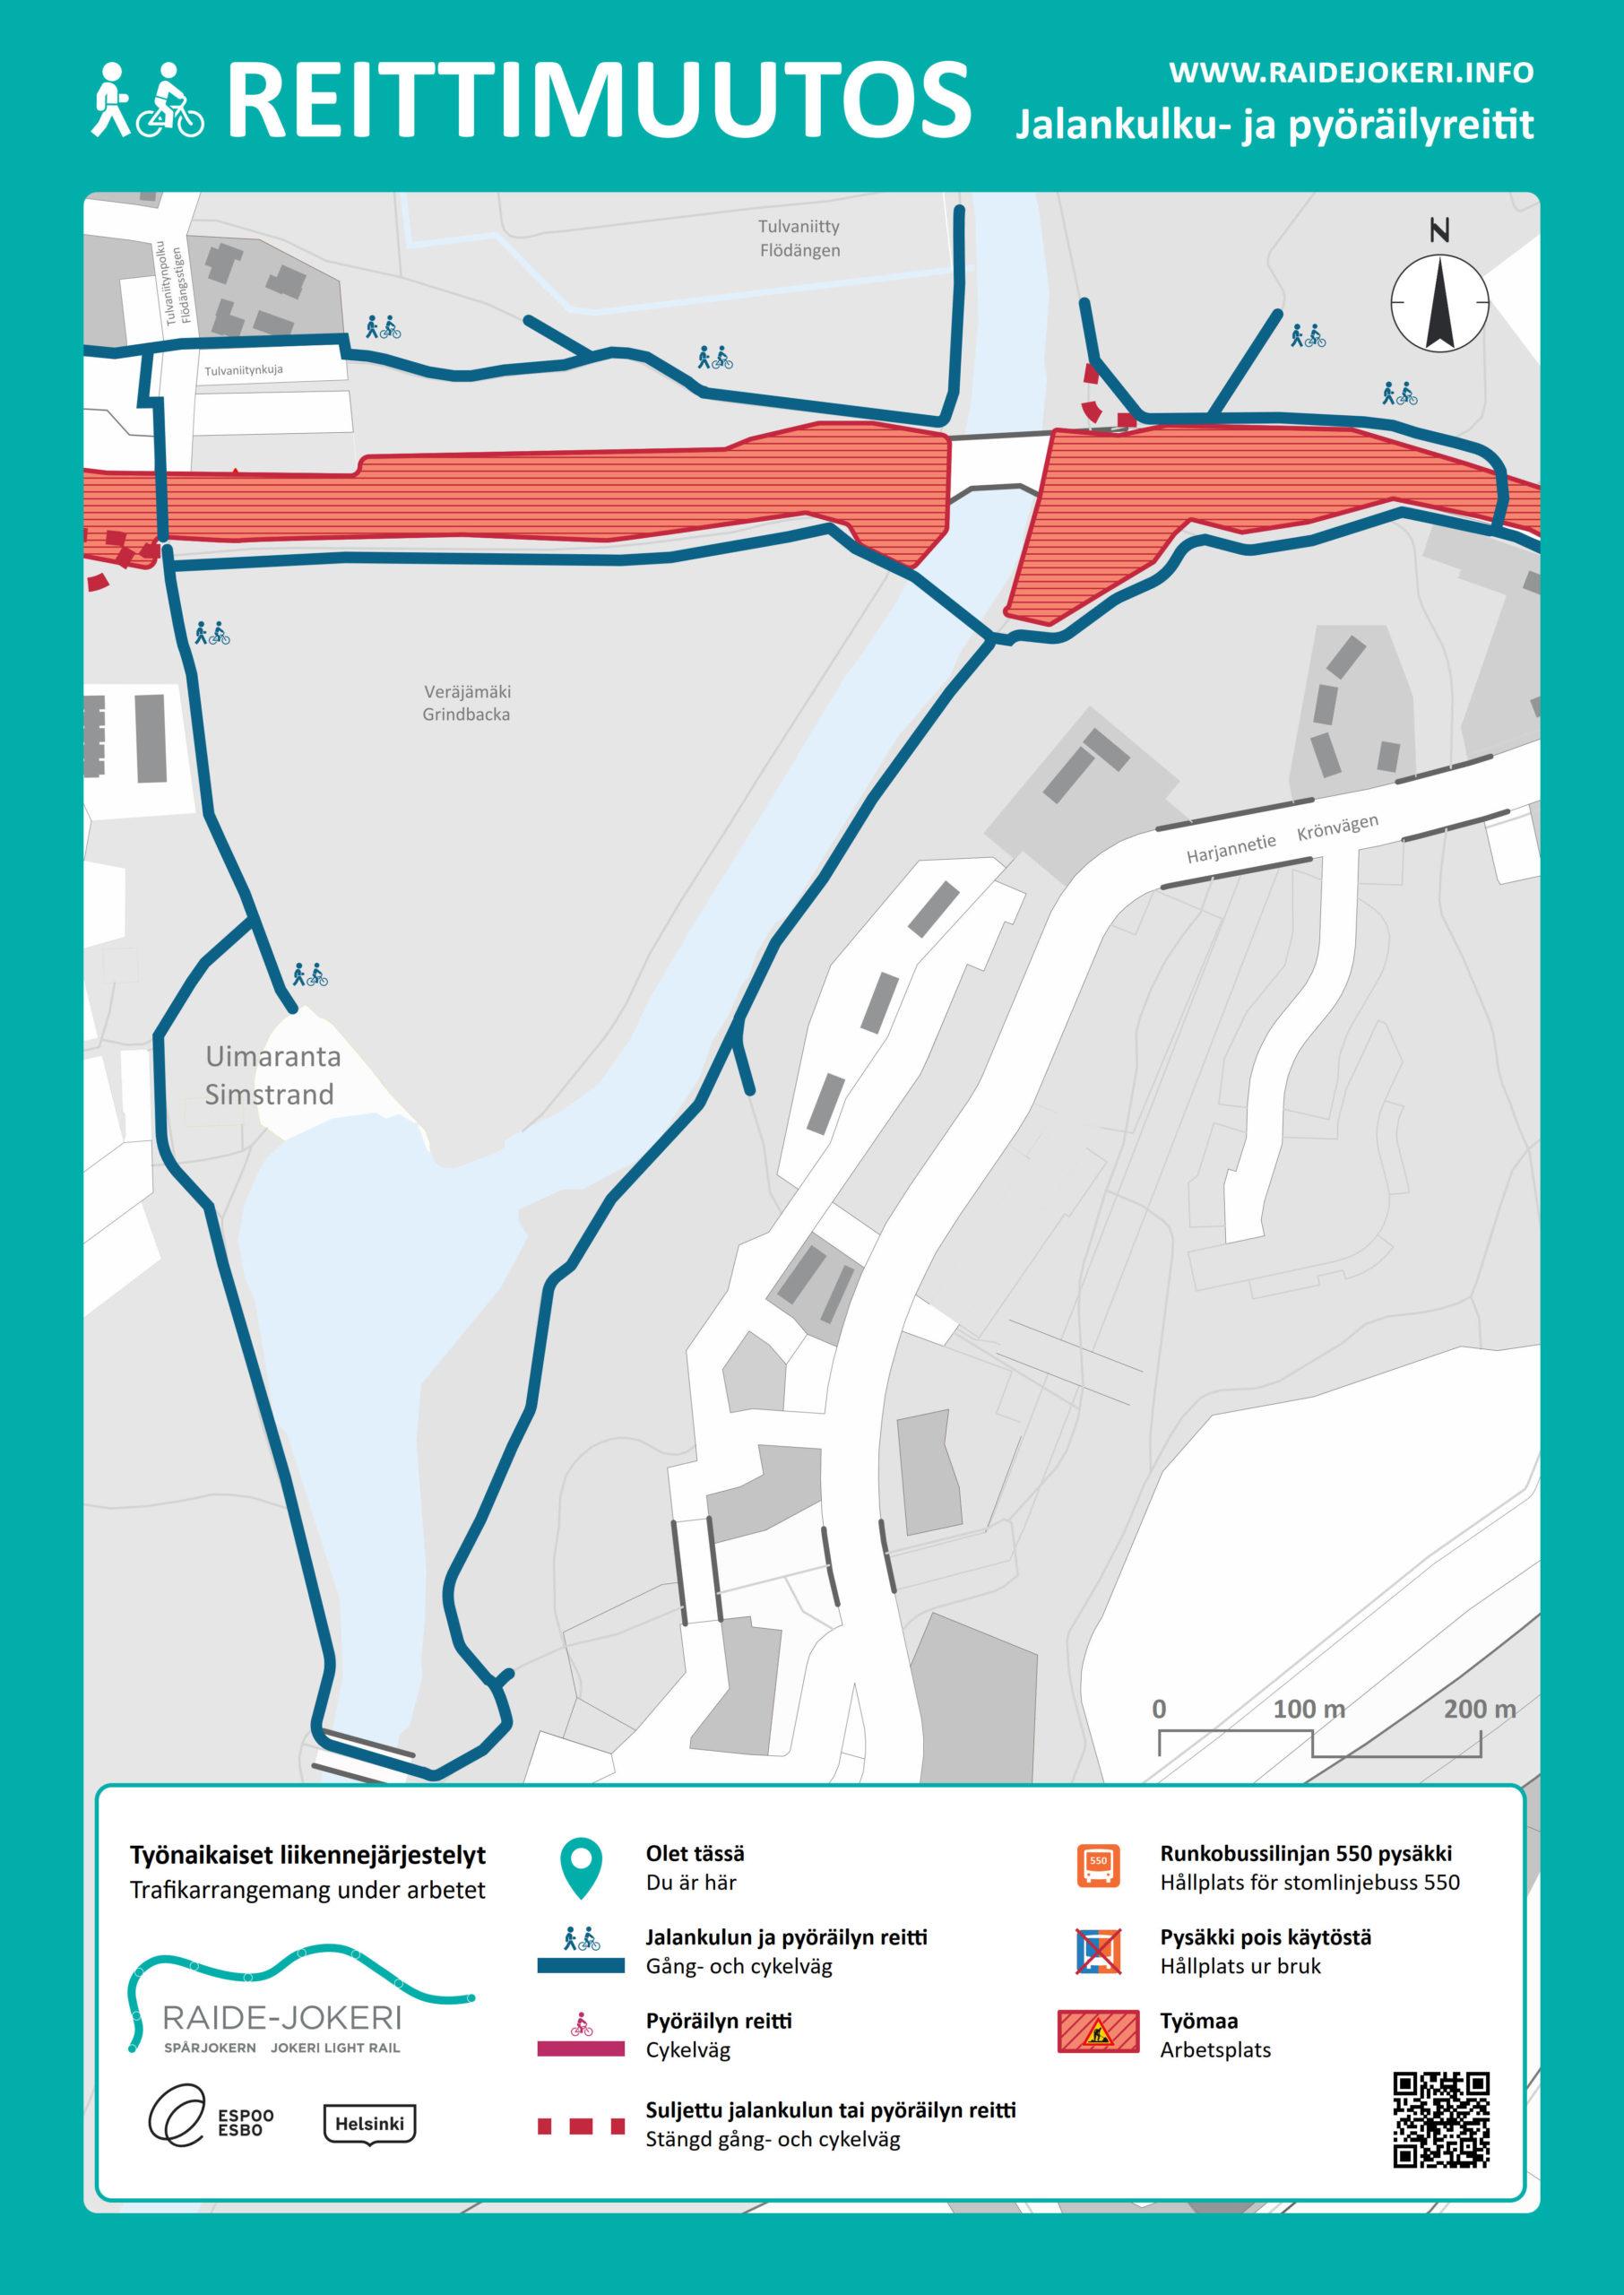 Maaherrantien vanhan rautatiesillan alittava jalankulun ja pyöräilyn reitti Vantaanjoen länsirannalla poistuu käytöstä 1.3.2021.